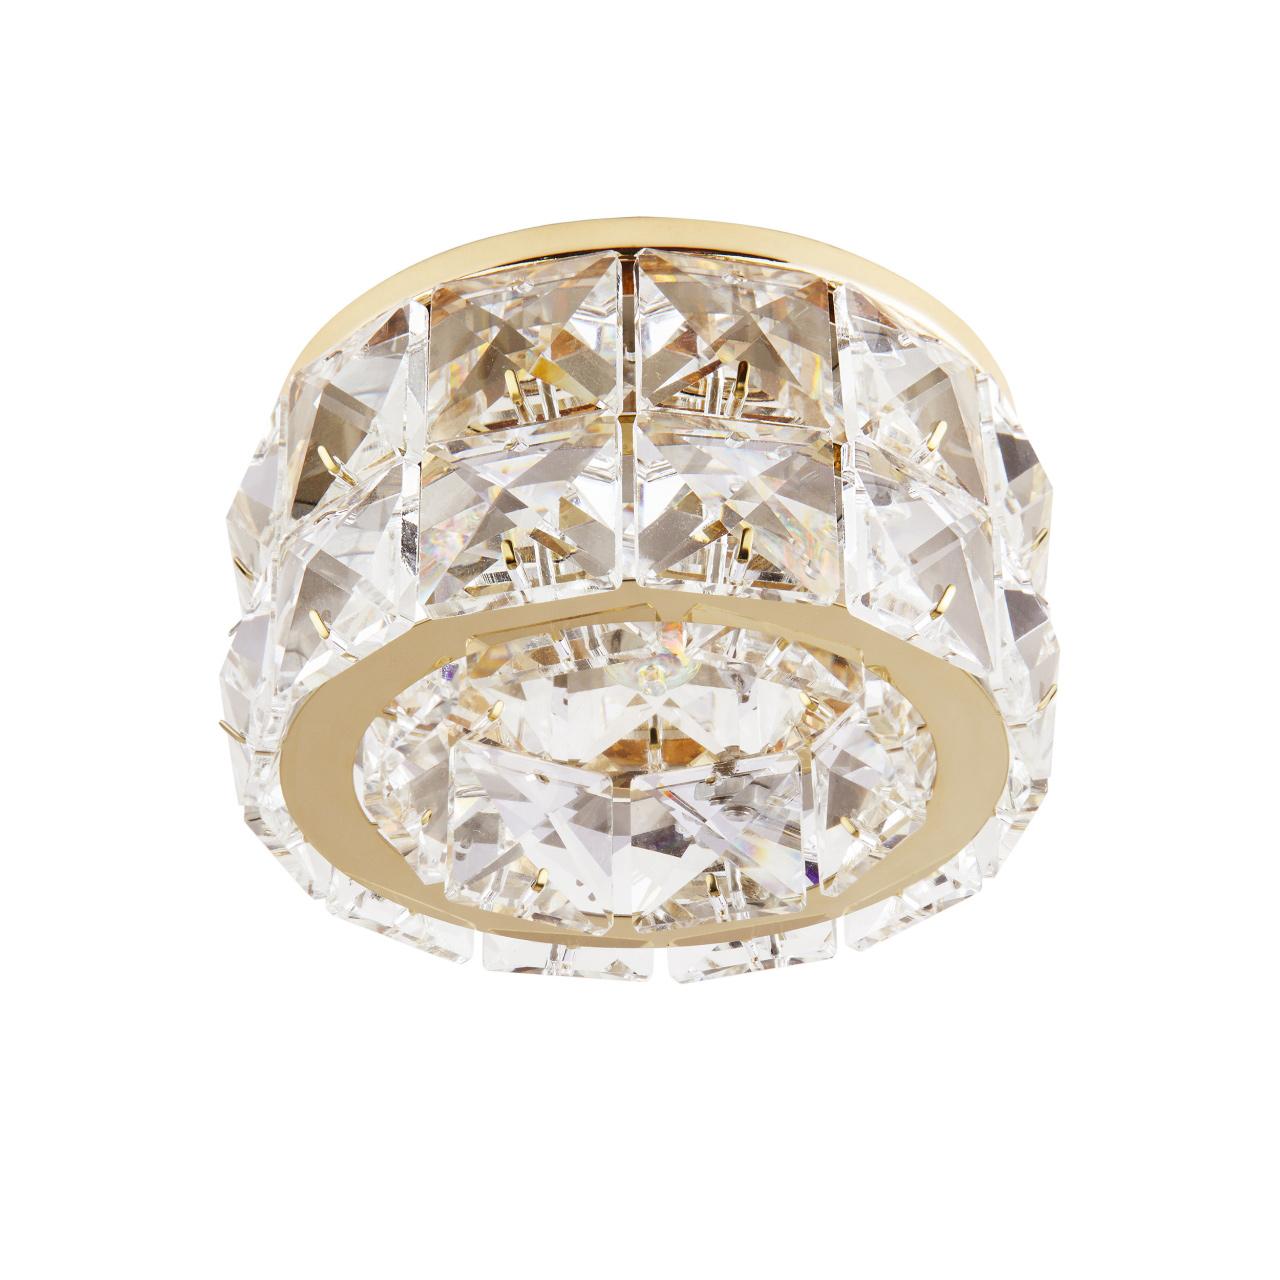 Светильник Onda GR G9 золото / хрусталь прозрачный Lightstar 032802